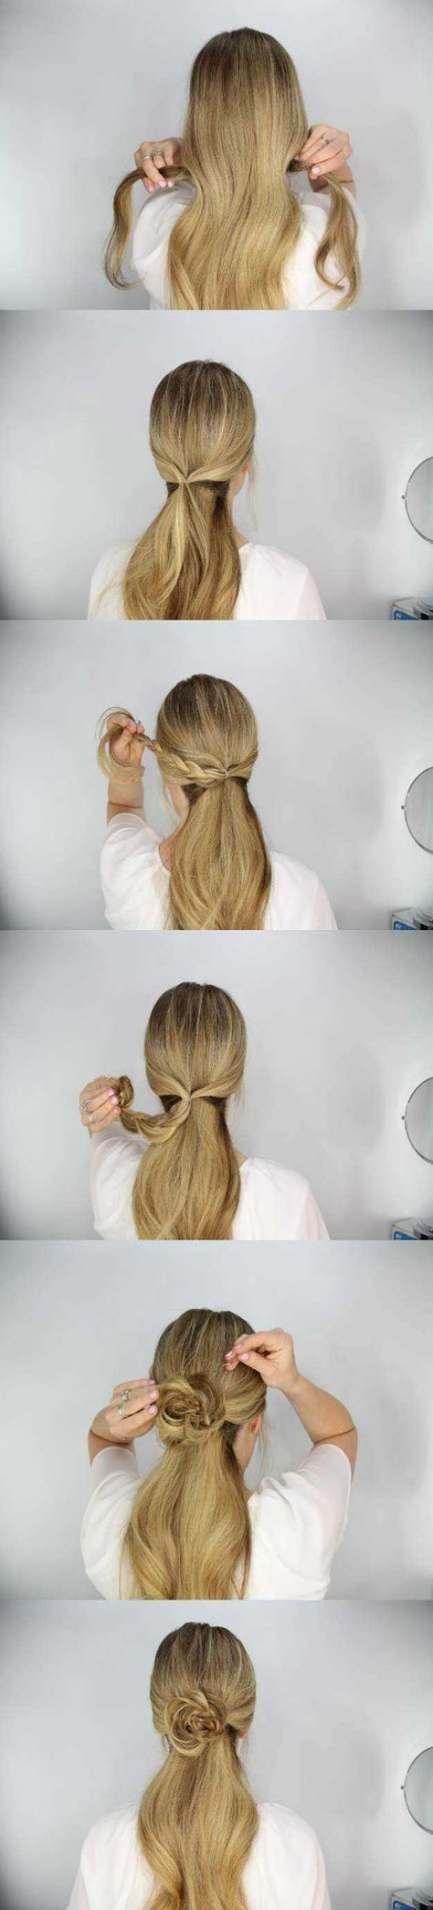 Hochzeitsfrisuren halb hoch halb runter kurze Haare gerade 45+ Ideen